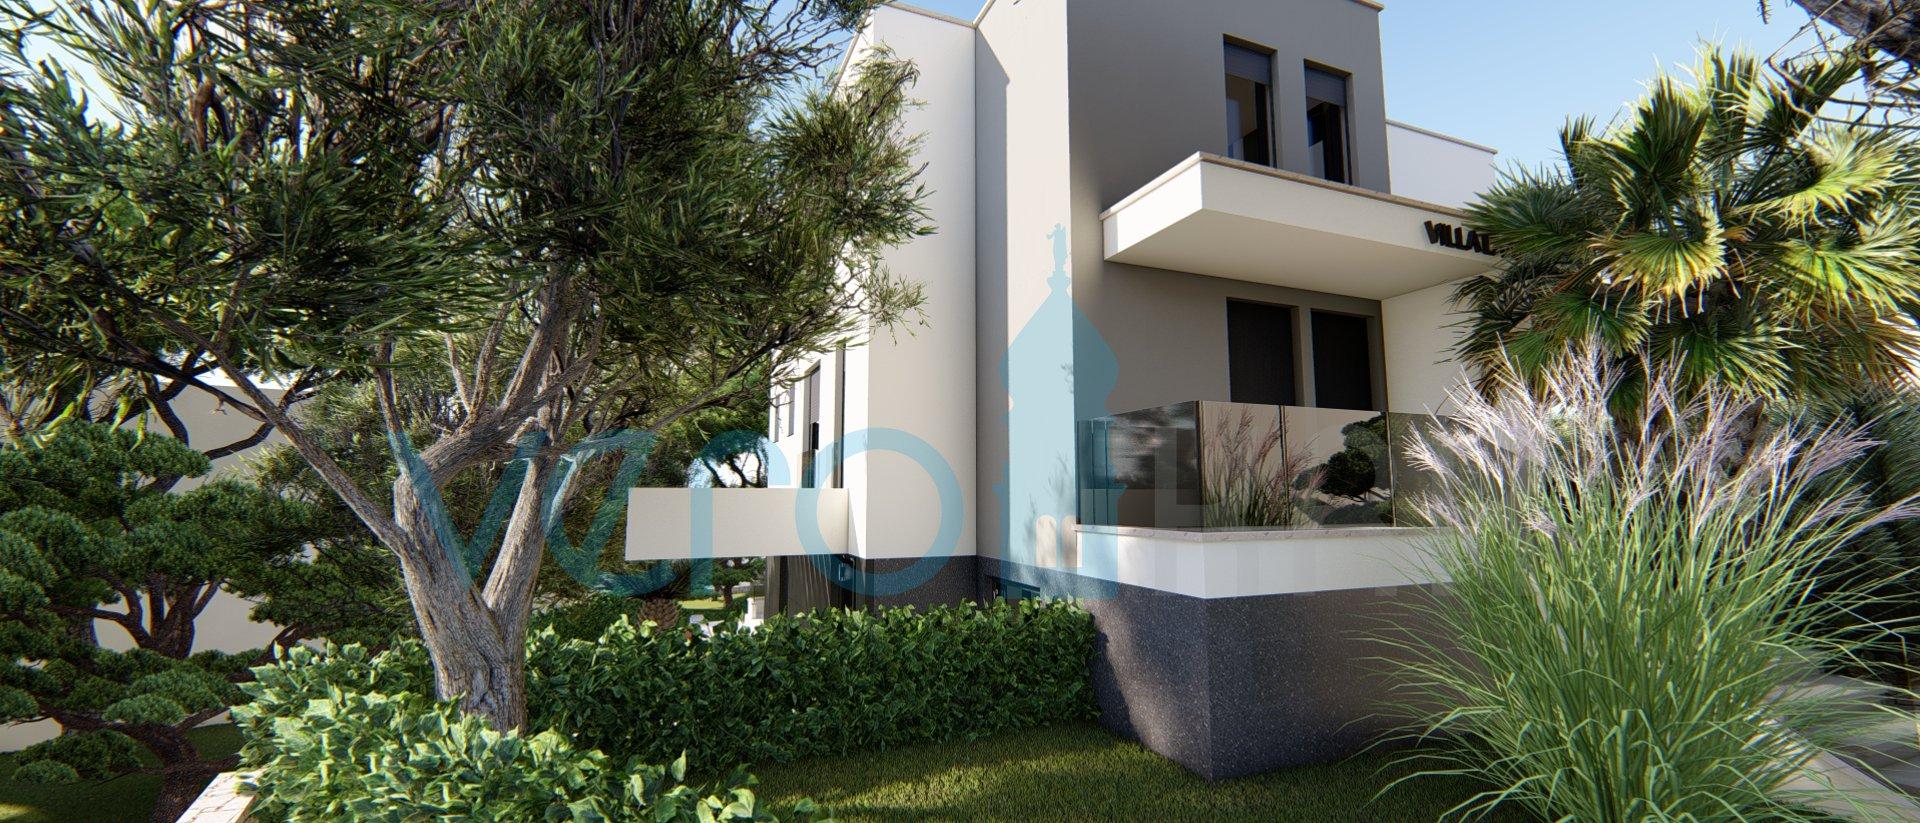 Die Stadt Krk, moderne Wohnung im ersten Stock einer neuen Villa mit Panoramablick auf das Meer